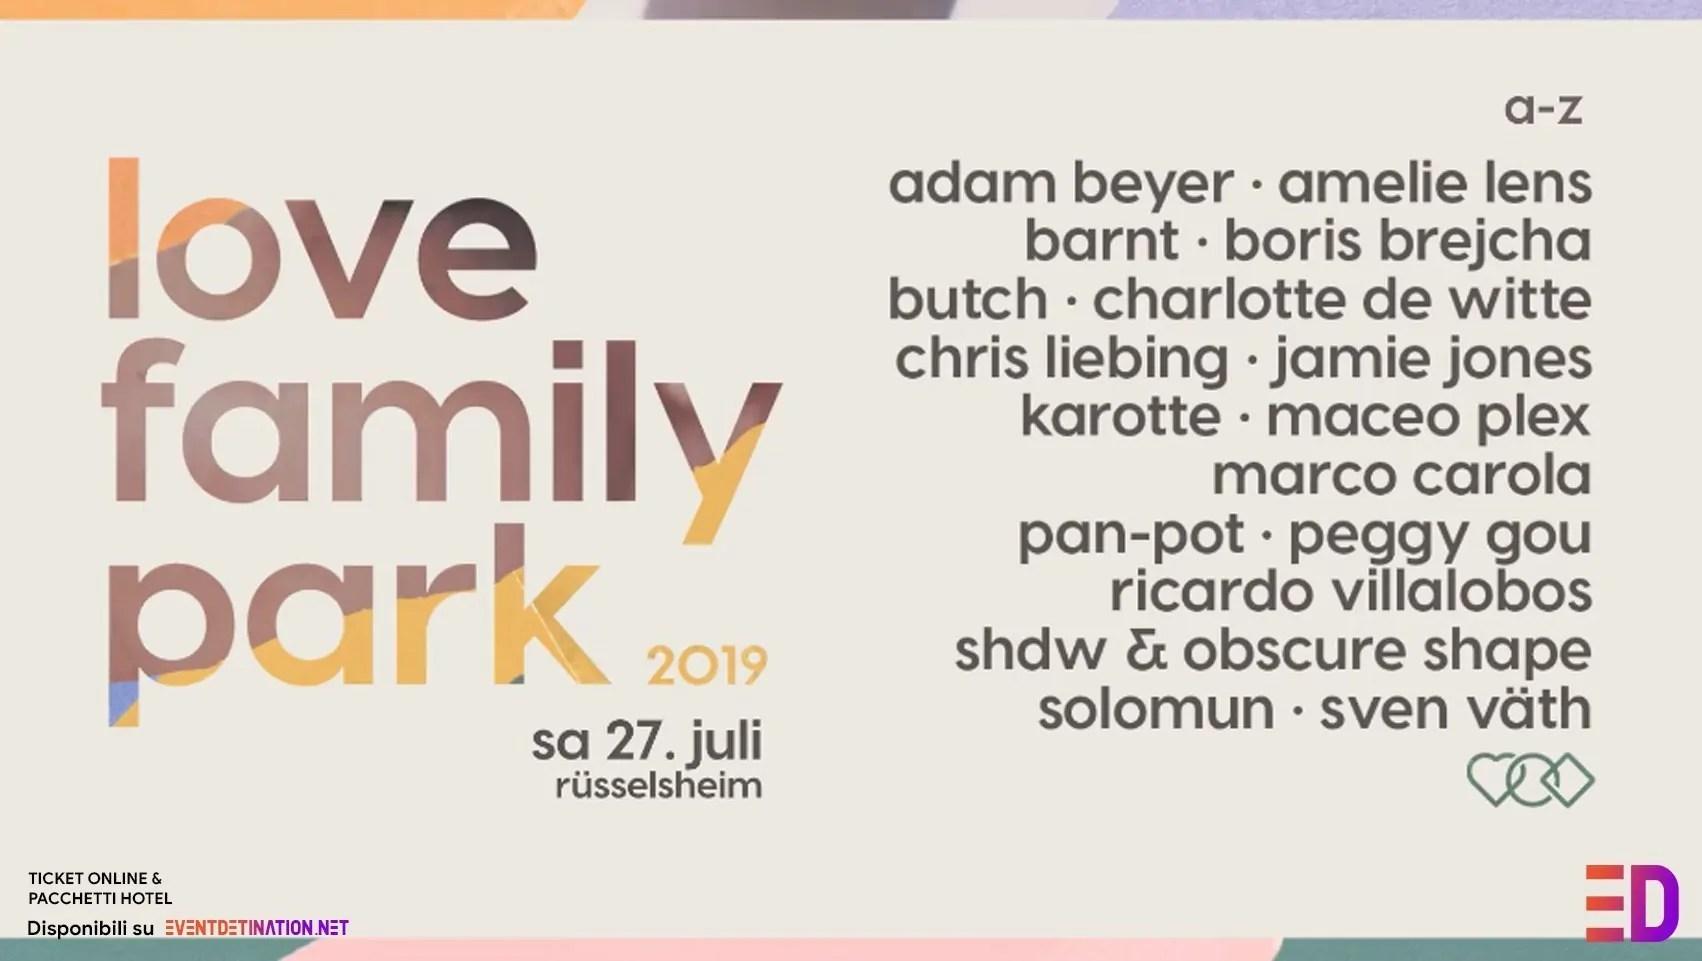 Love Family Park 2019 27 Luglio Ticket Pacchetti Hotel